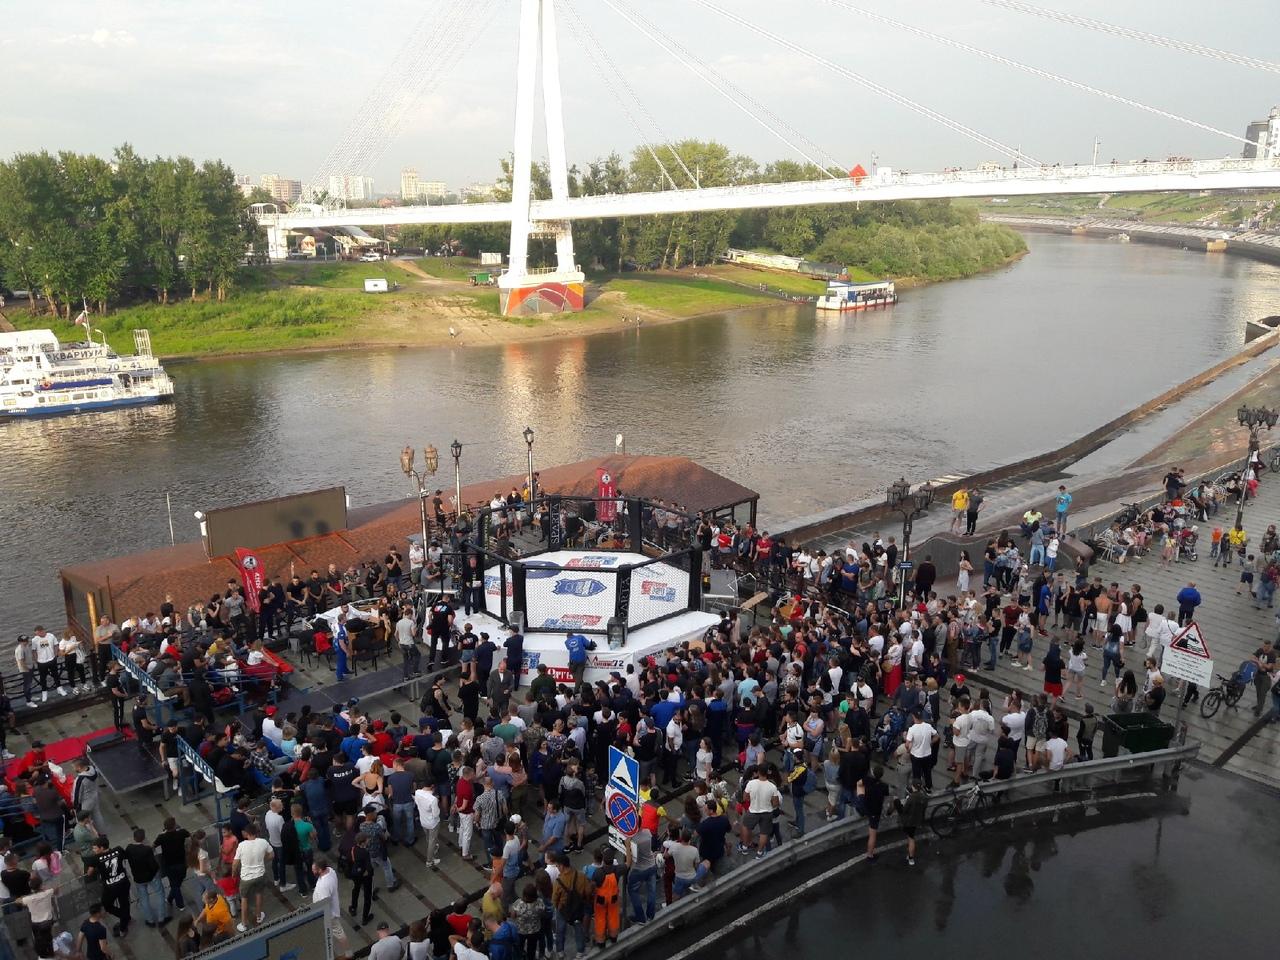 В итоге ринг решили протереть, чтобы спортсмены смогли помутузить друг друга